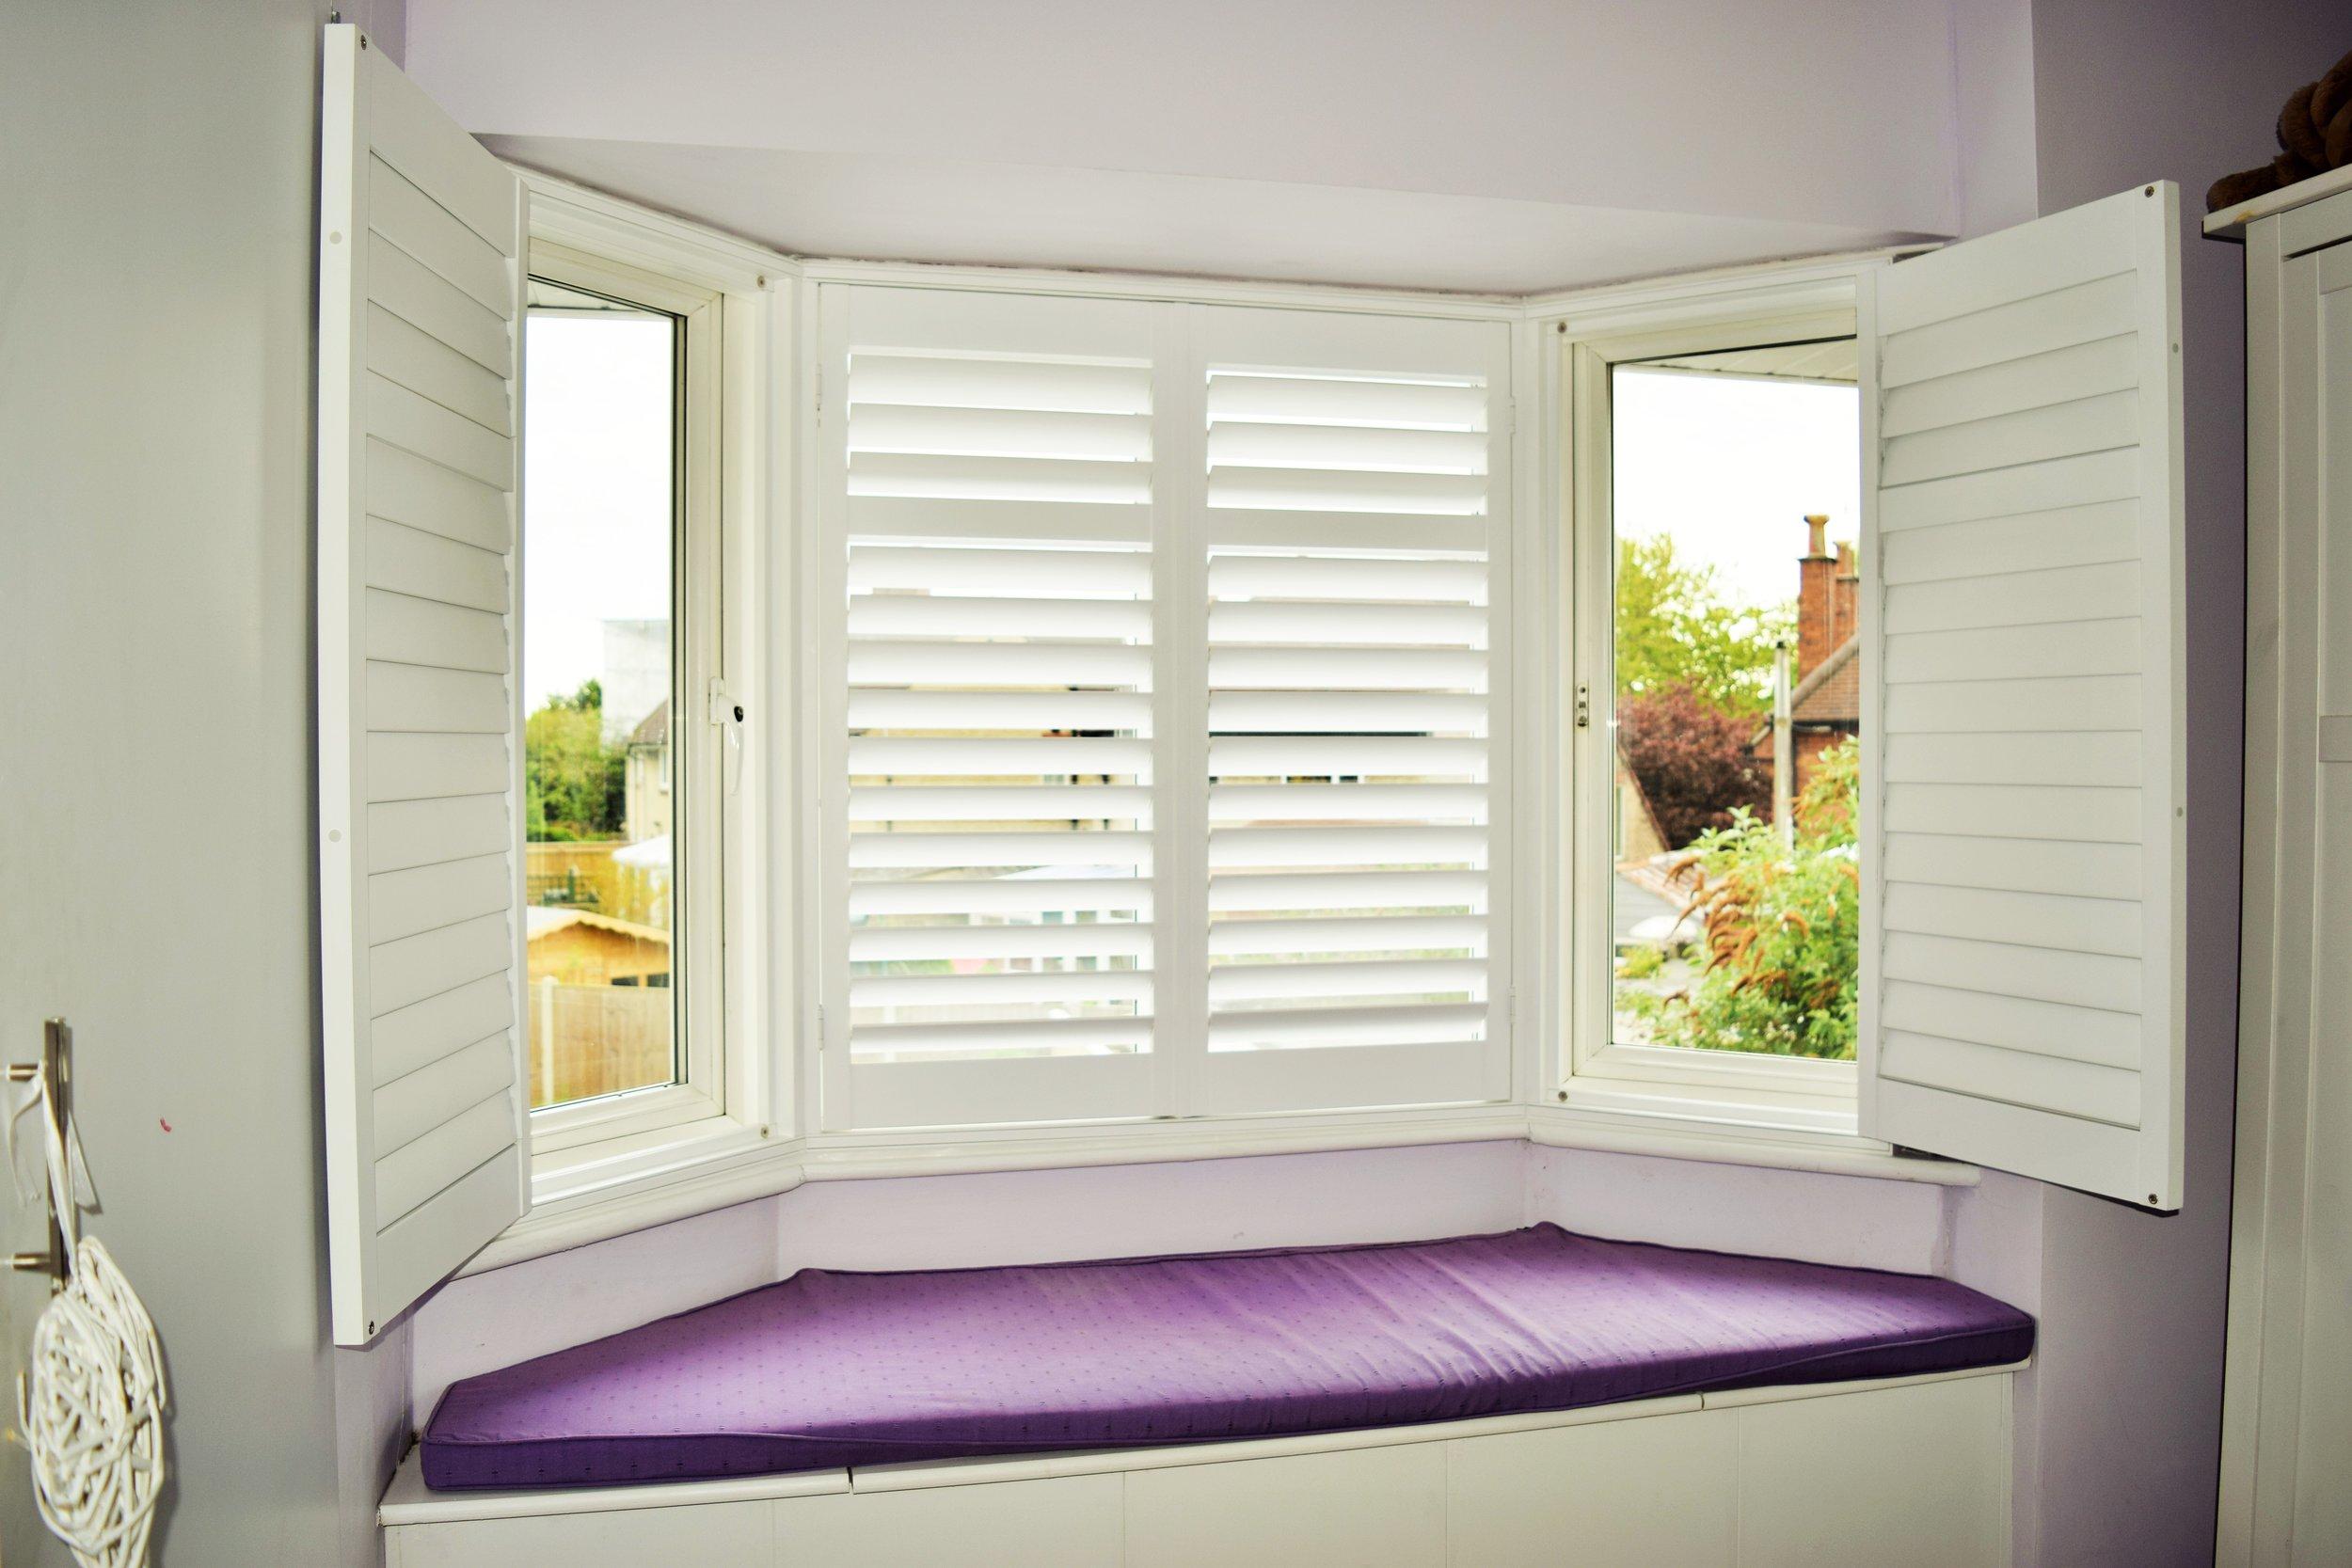 Bay window shutters with window seat